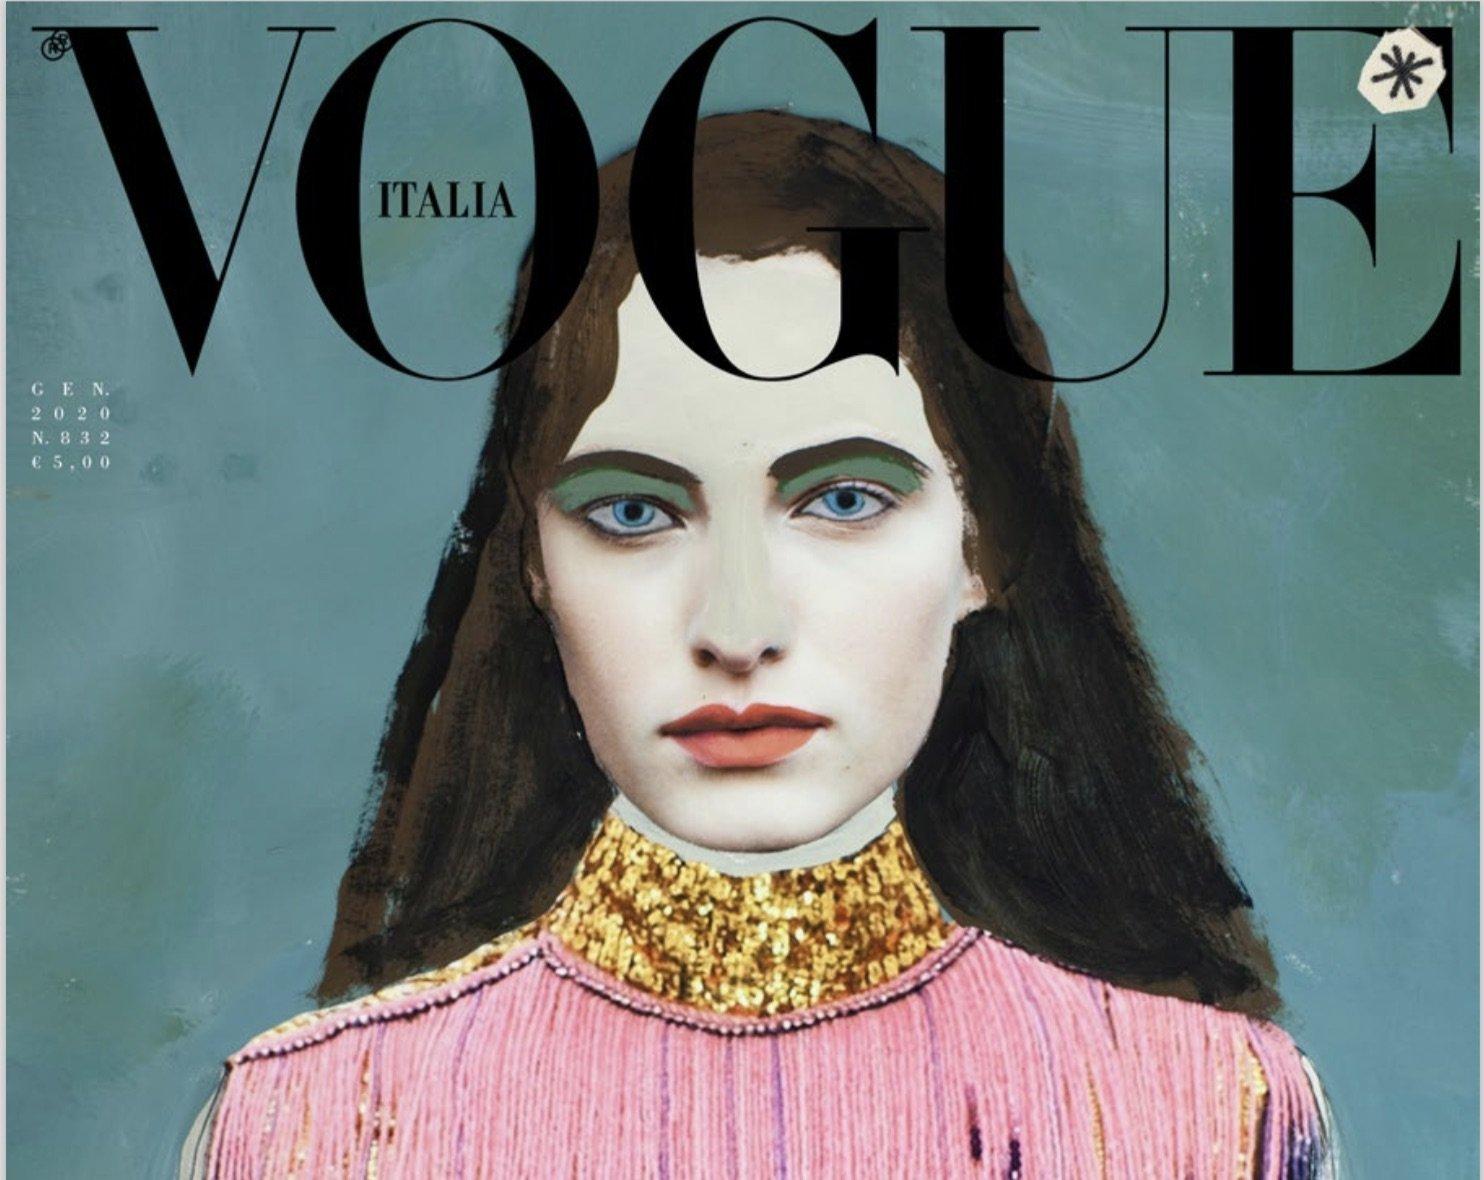 Vogue Italia, il numero di gennaio 2020 senza servizi fotografici